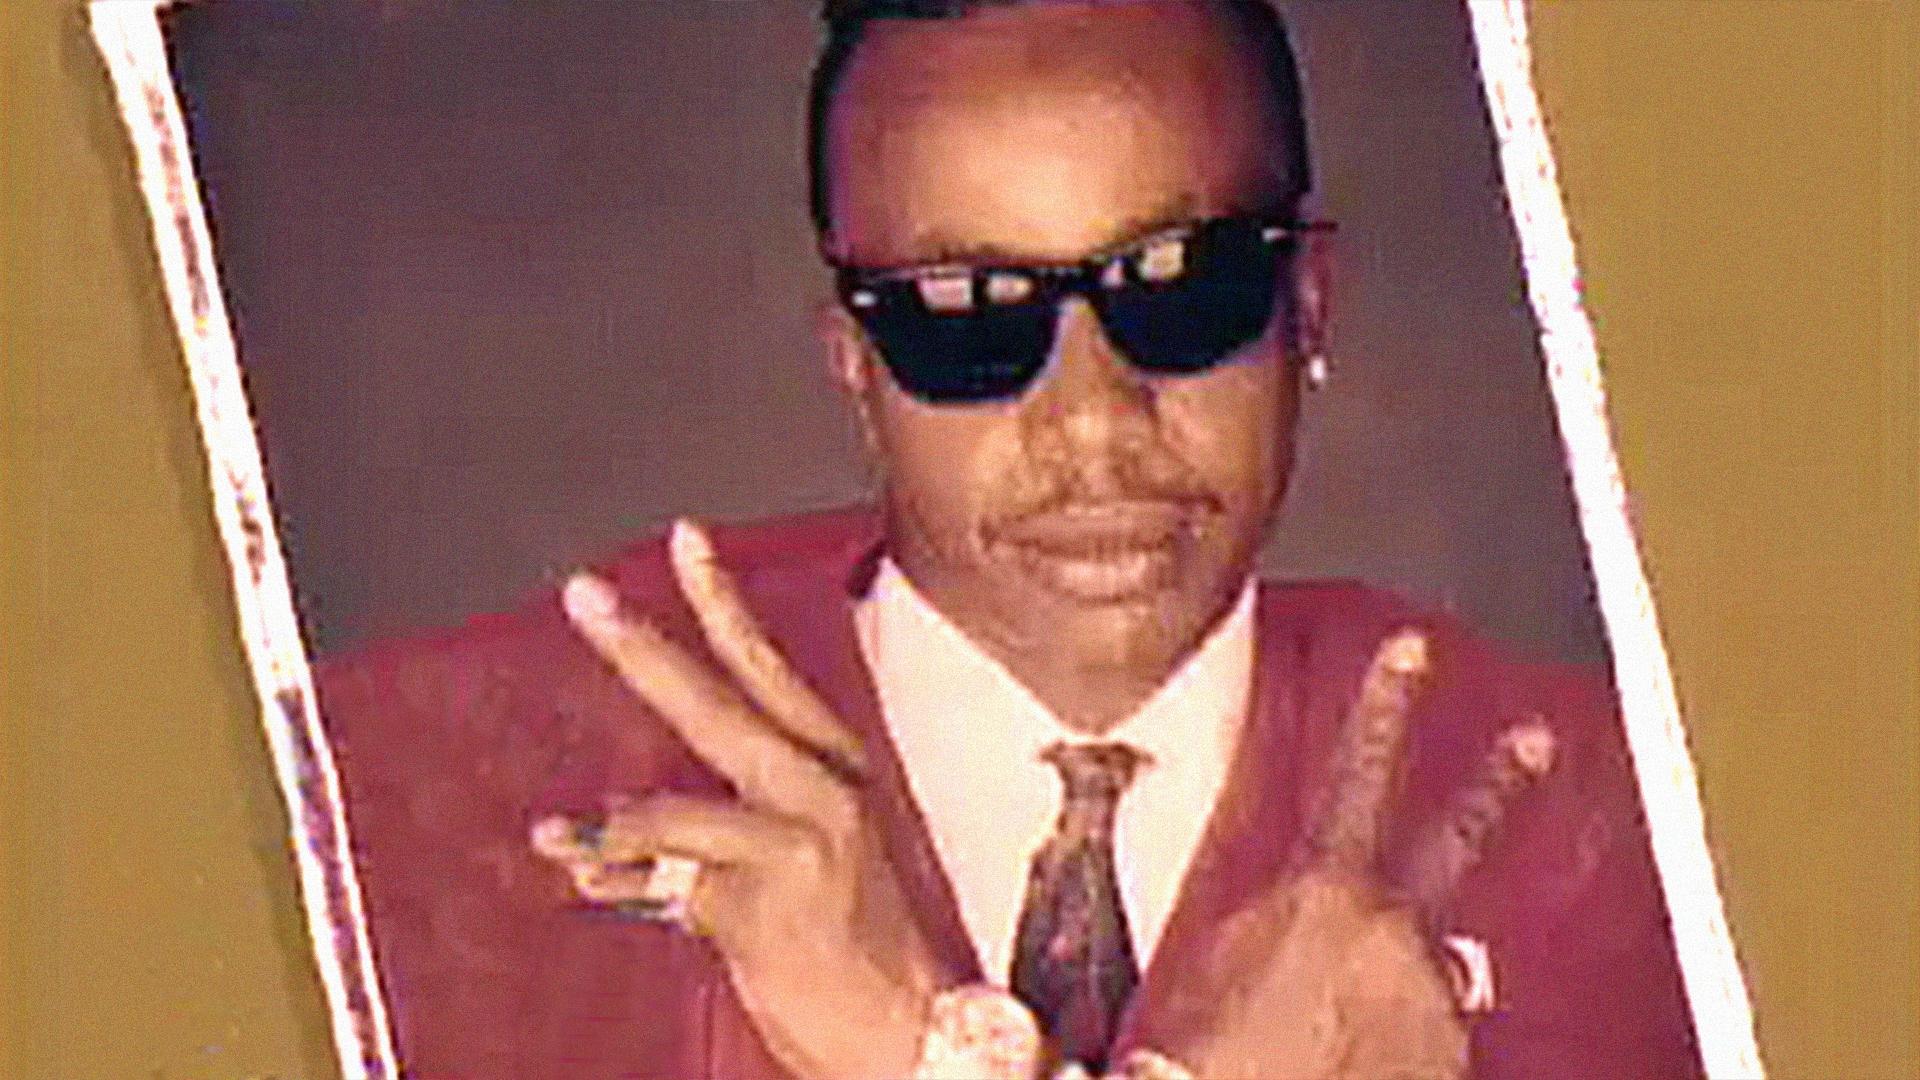 MC Hammer: December 7, 1991